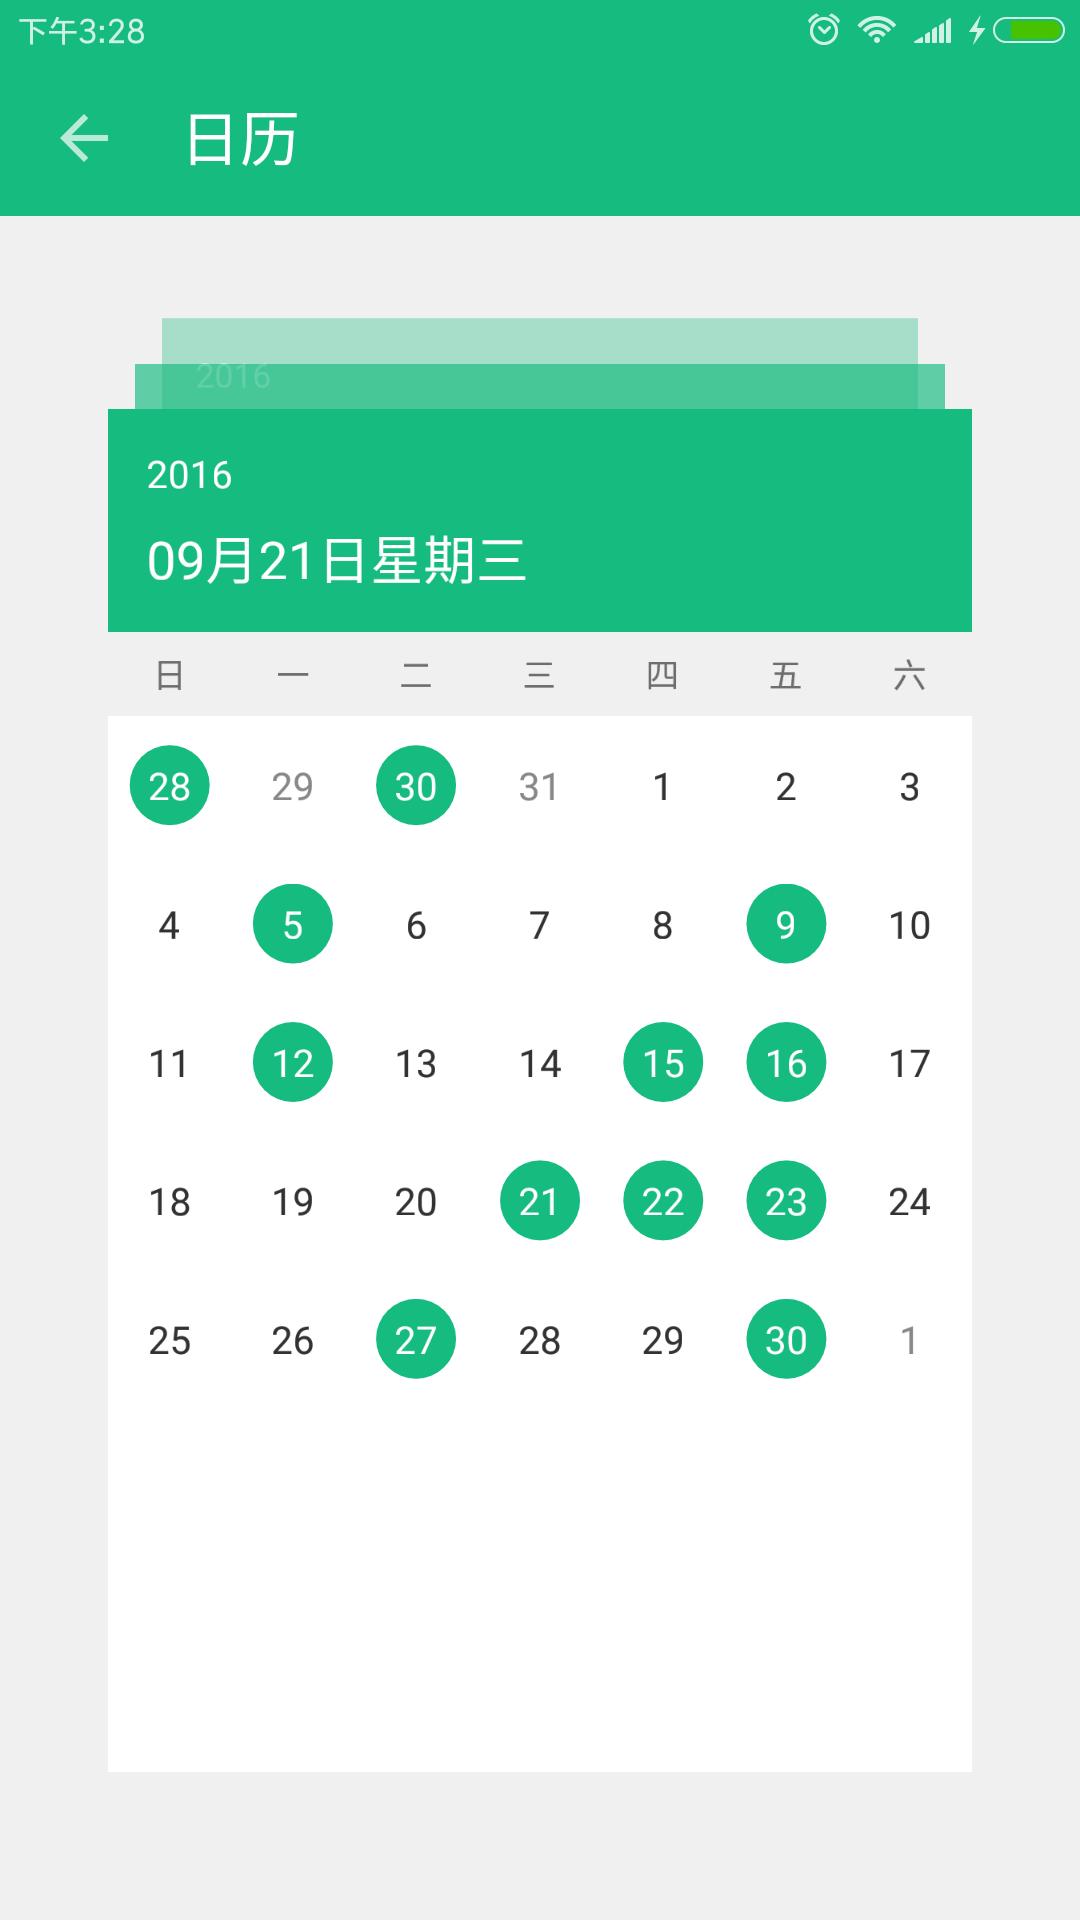 吾记日记本 V1.1.3 安卓版截图5